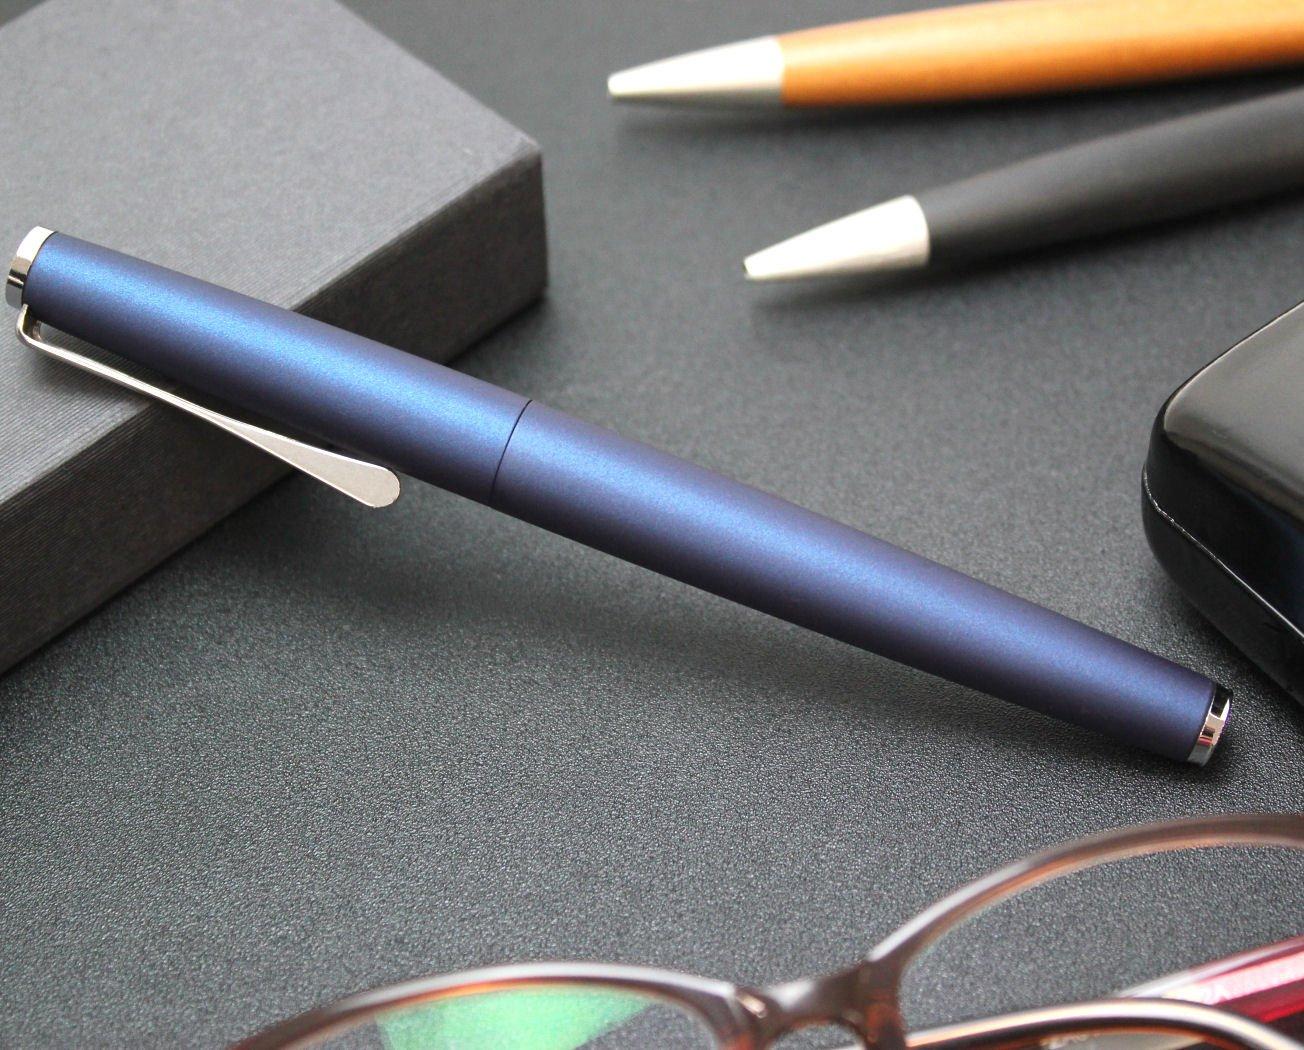 Lamy Studio Rollerball Pen - Blue by Lamy (Image #2)